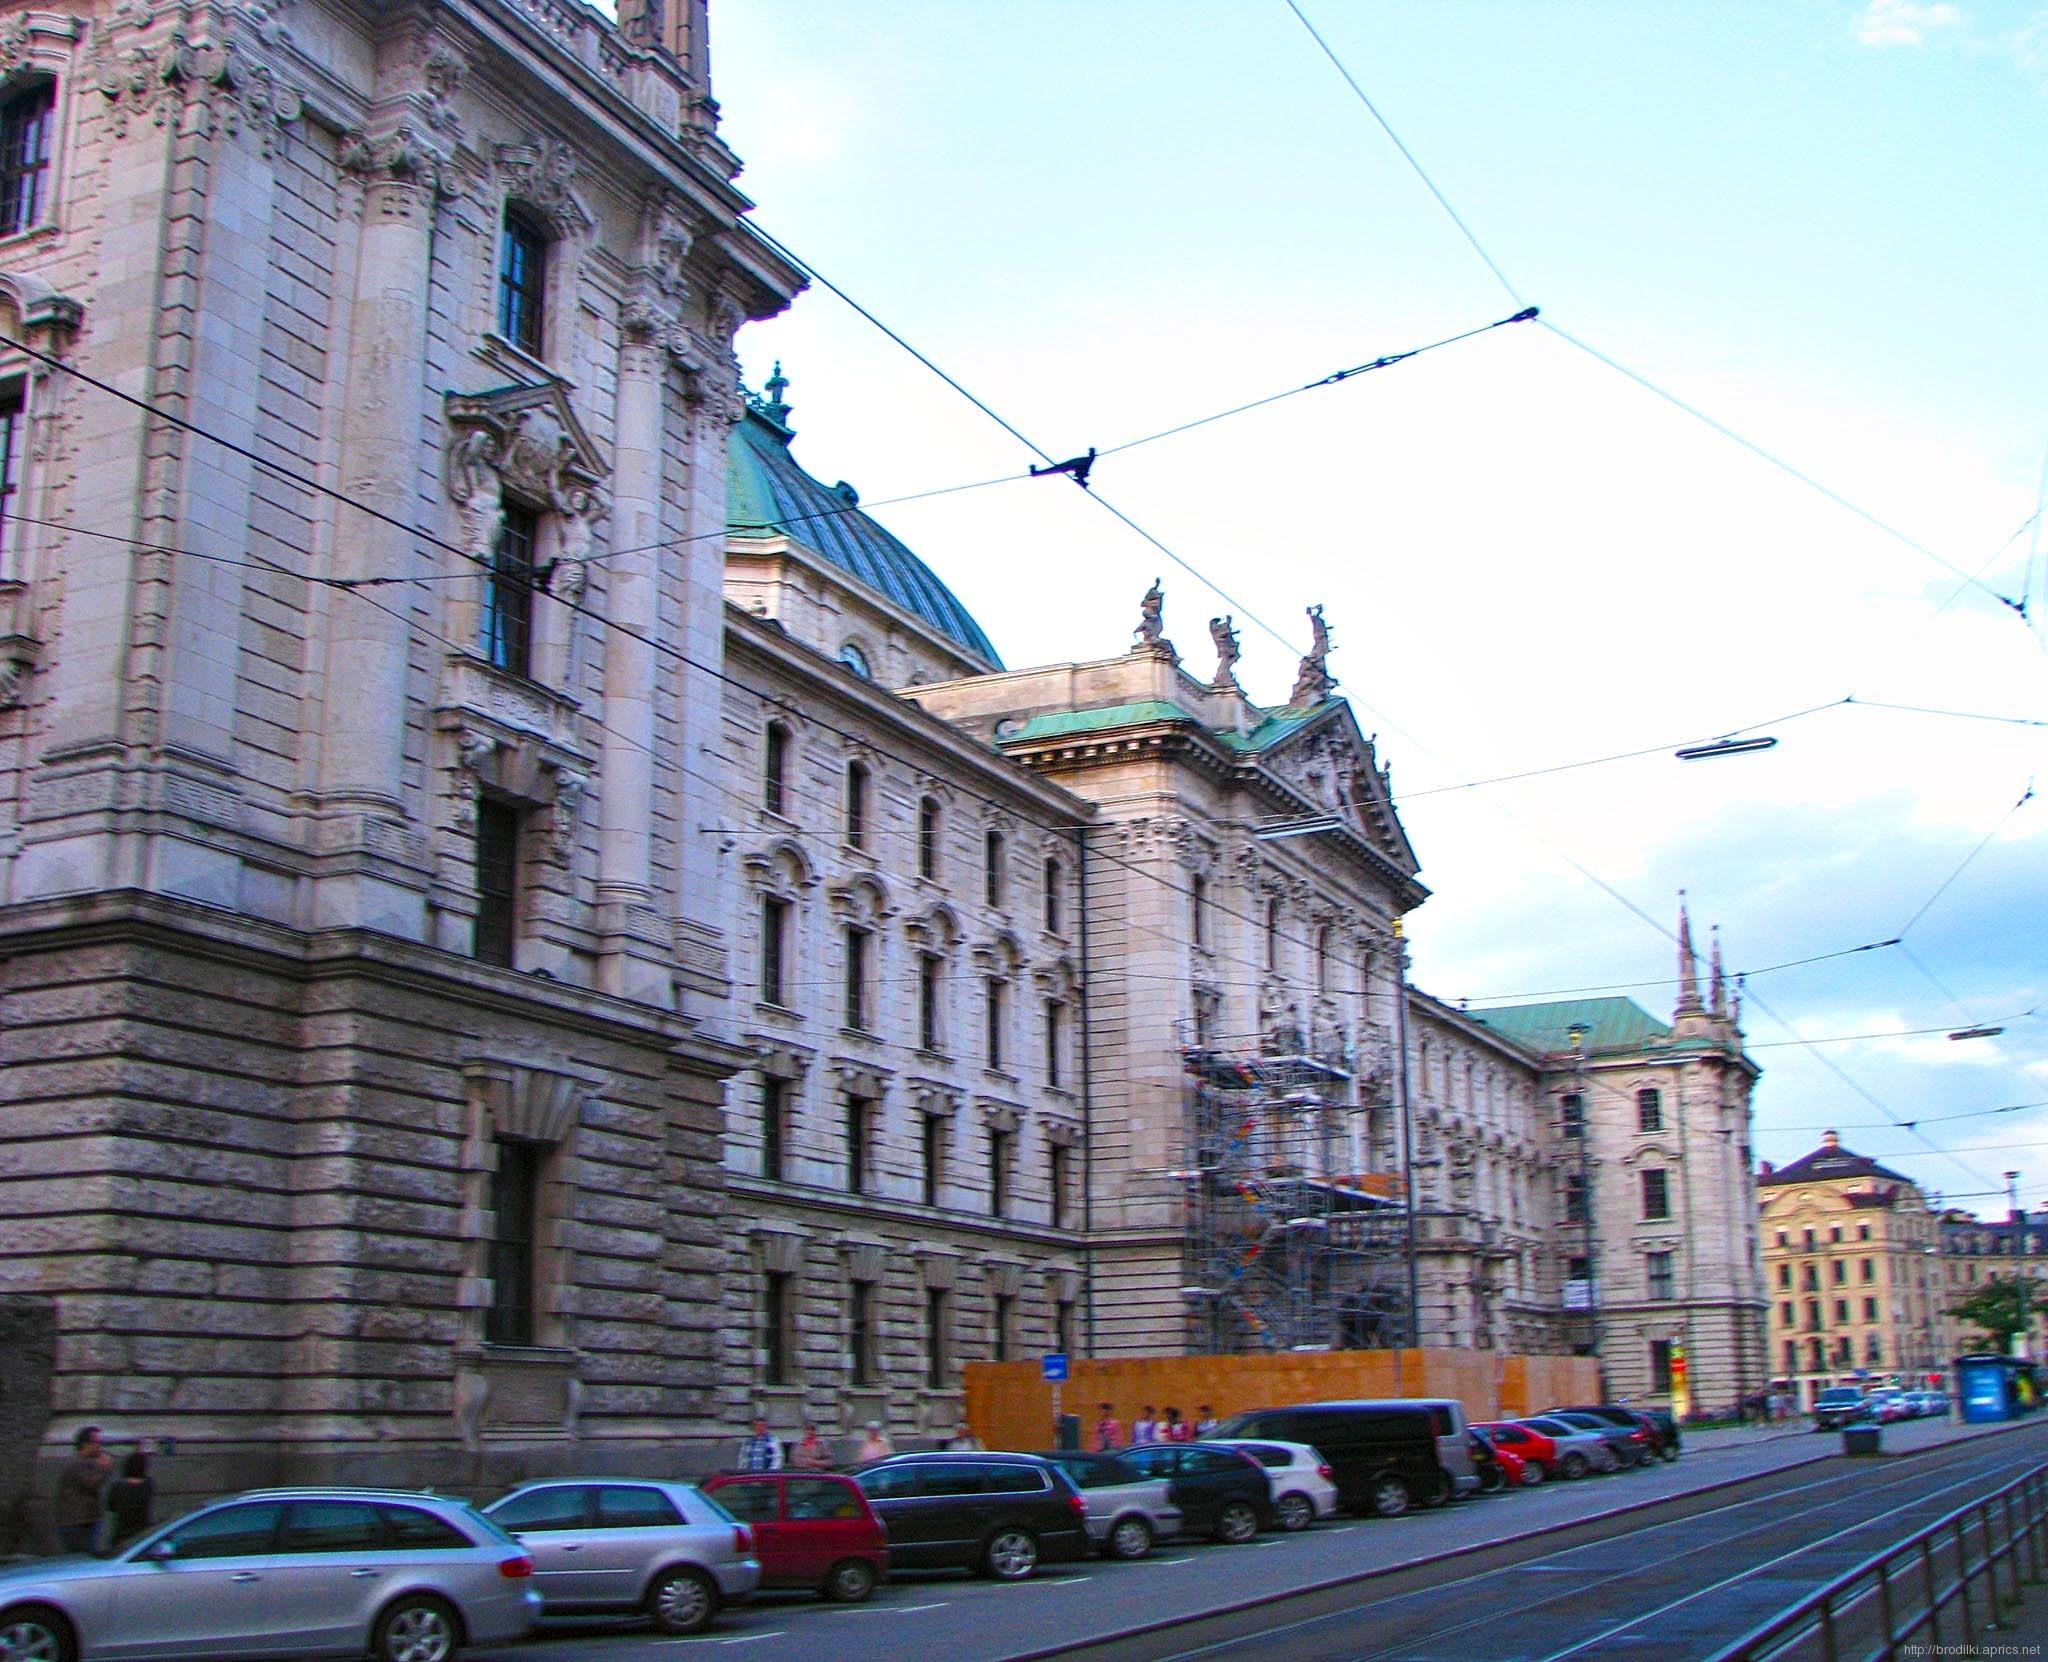 Дворец юстиции (Достопримечательности Мюнхена)